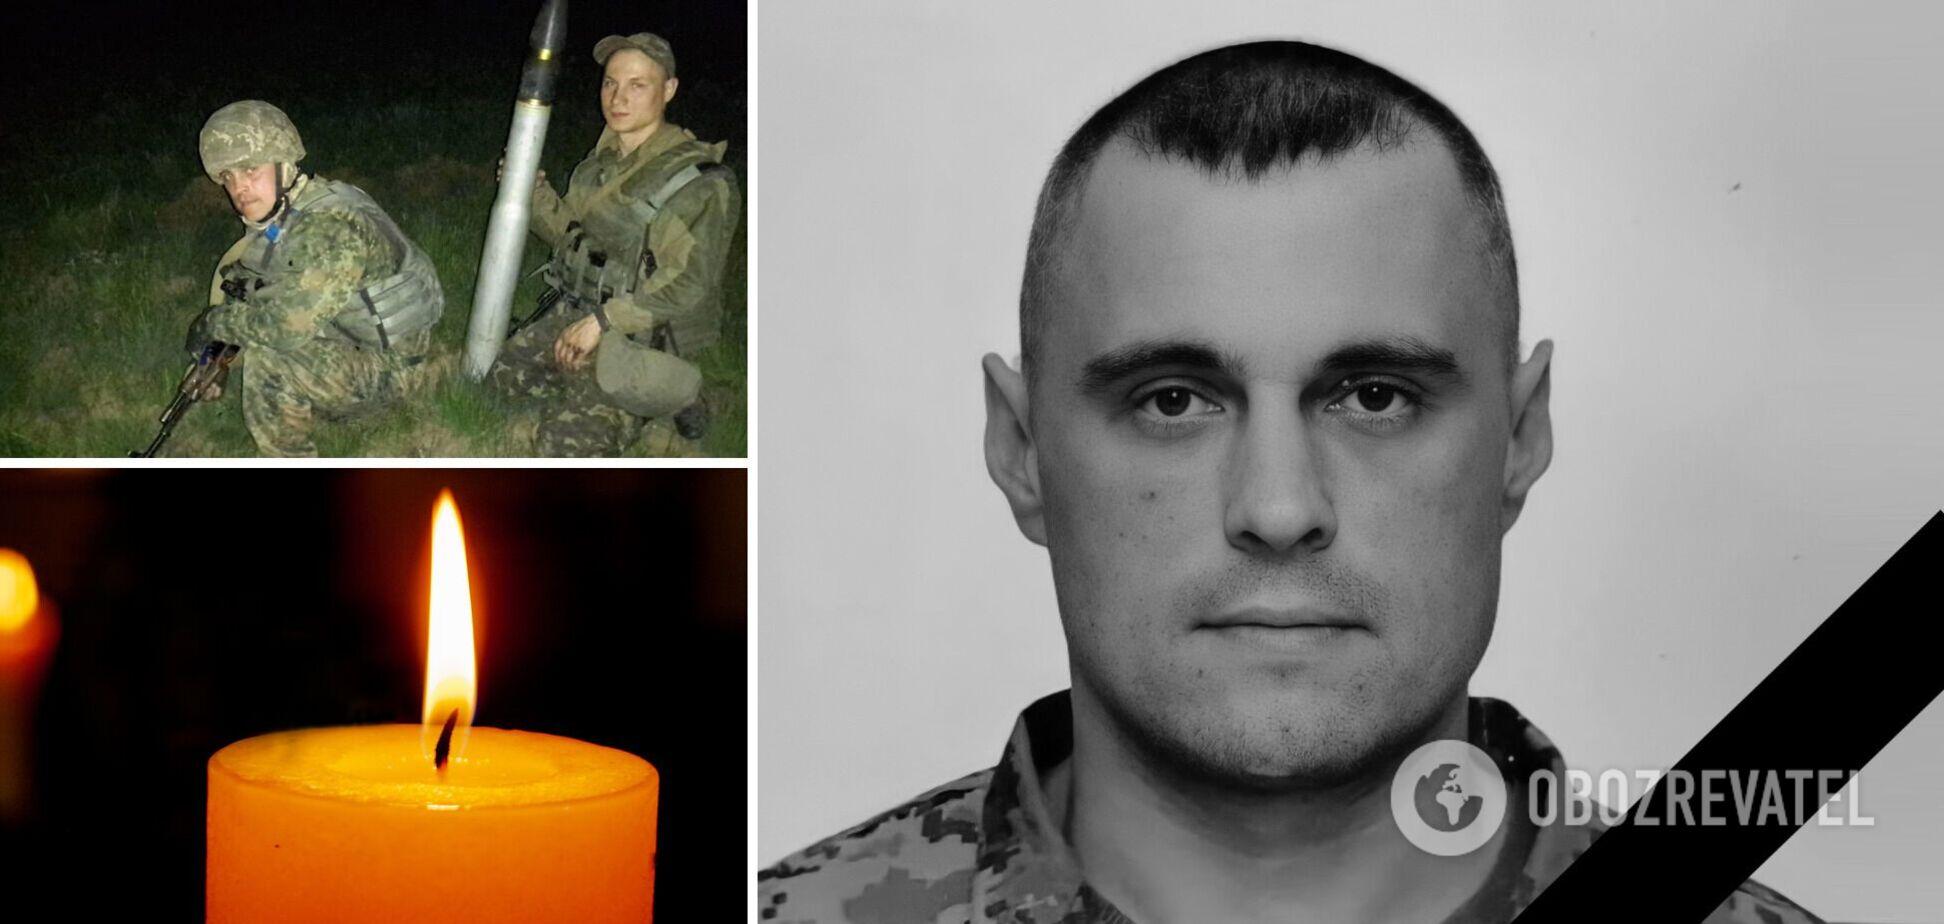 Пошел воевать на Восток, потому что там сейчас служат лучшие: что известно о погибшем бойце из Запорожья